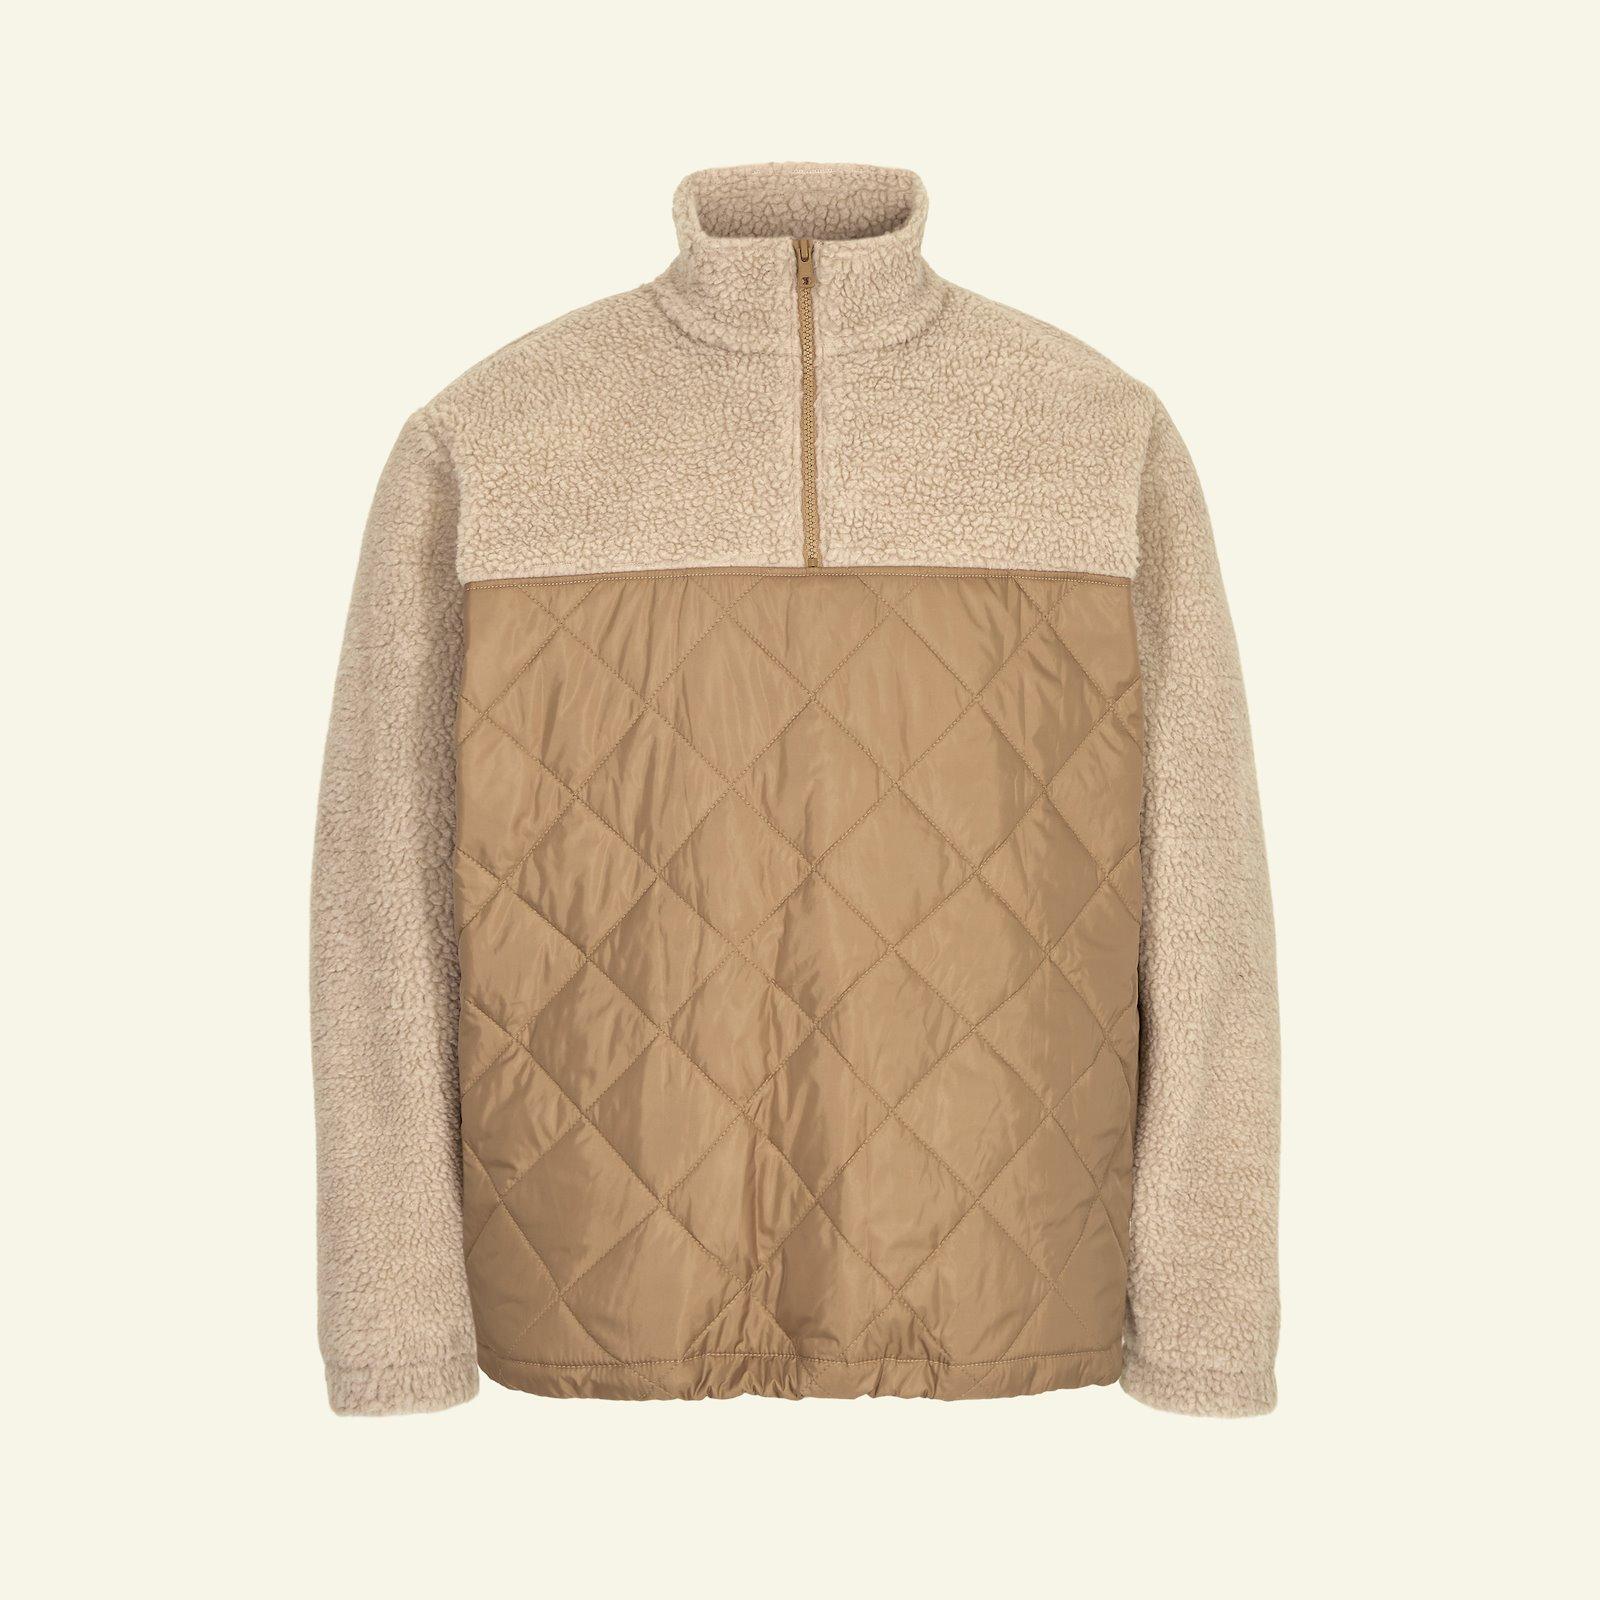 Sweatshirt und jacke p87004_910273_920233_3507043_43705_sskit